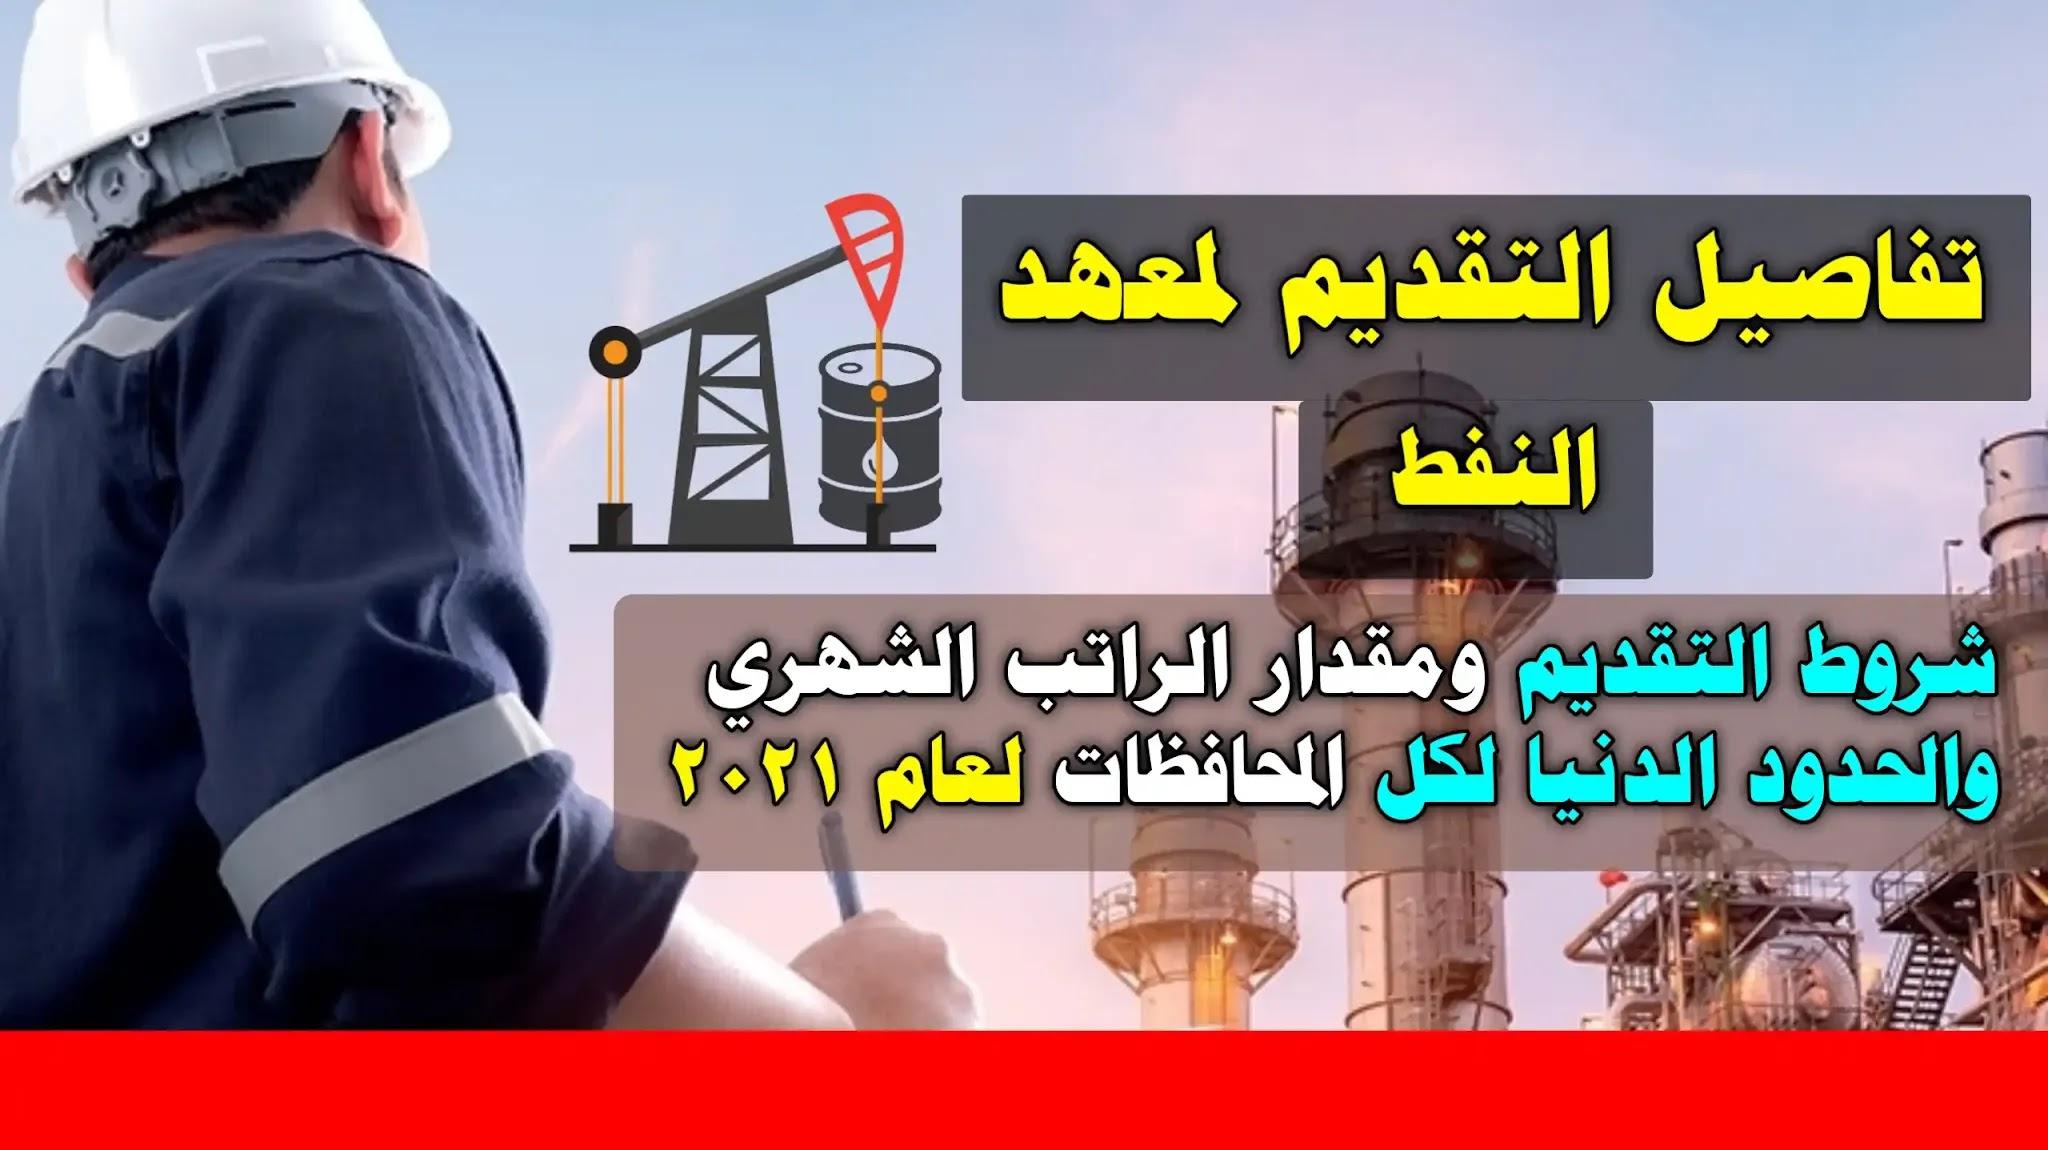 تفاصيل القبول في معهد النفط في جميع المحافظات لعام 2021/2020